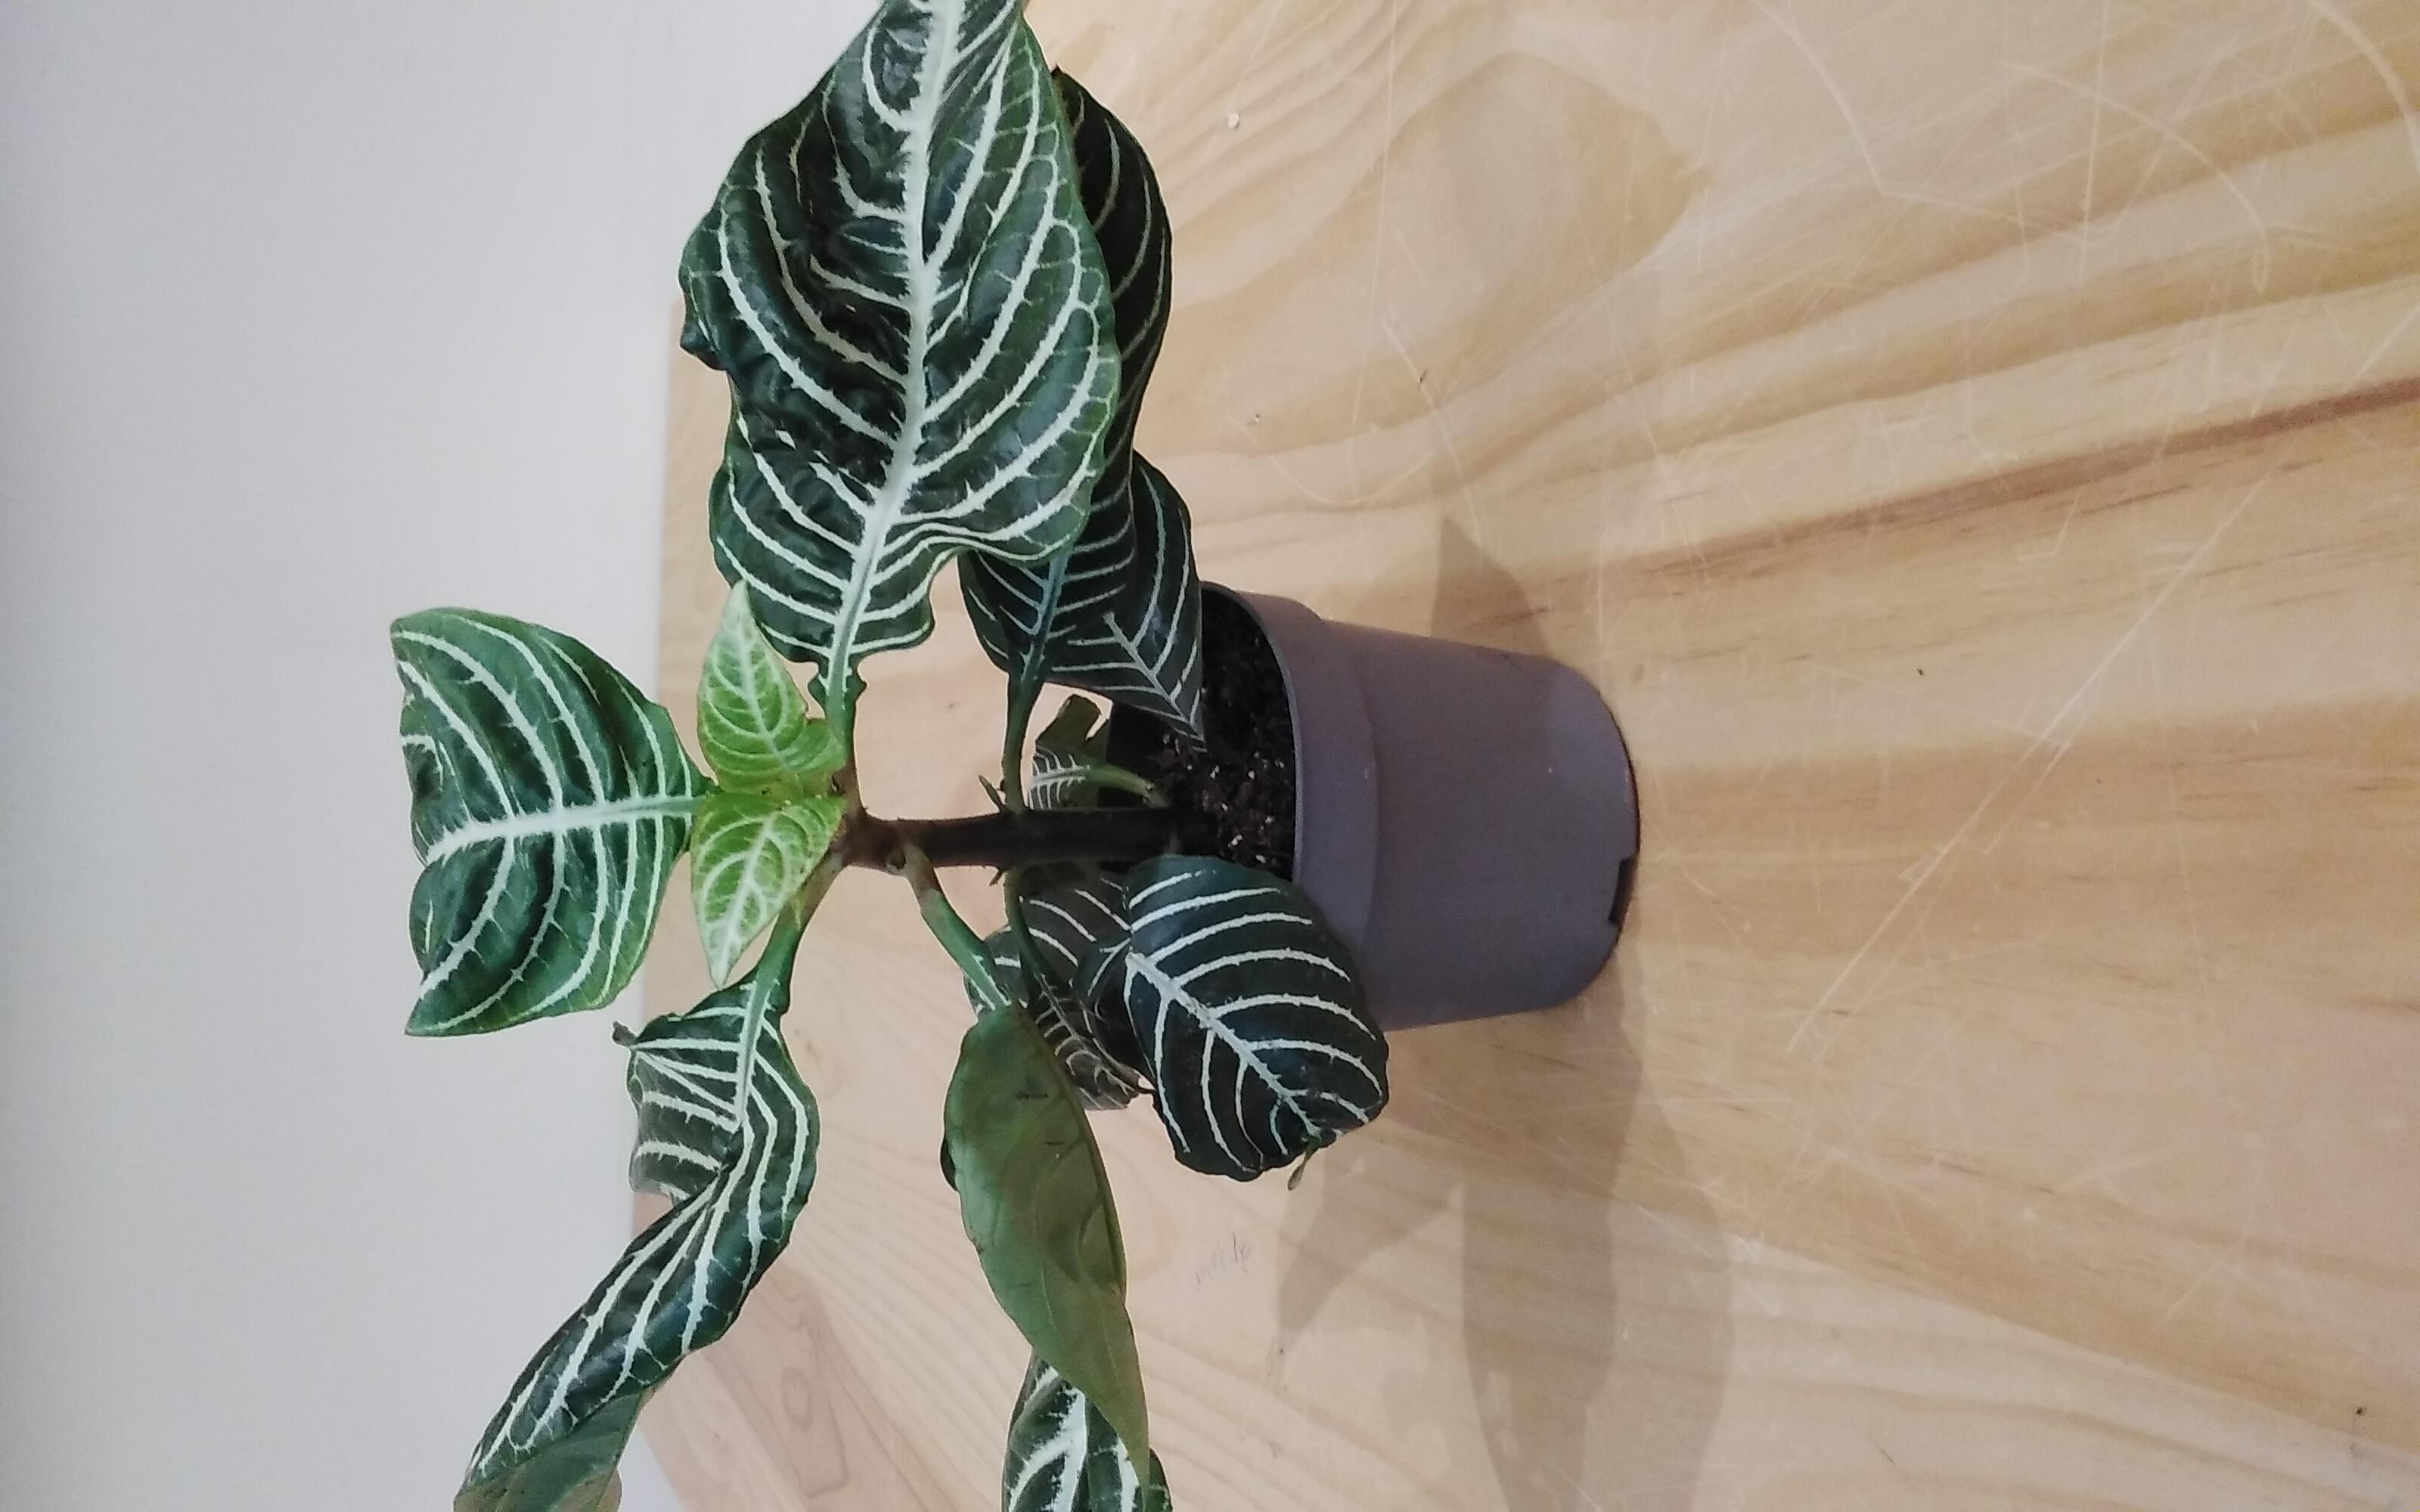 Aphelandra Squarrosa 'Indoor Plants'